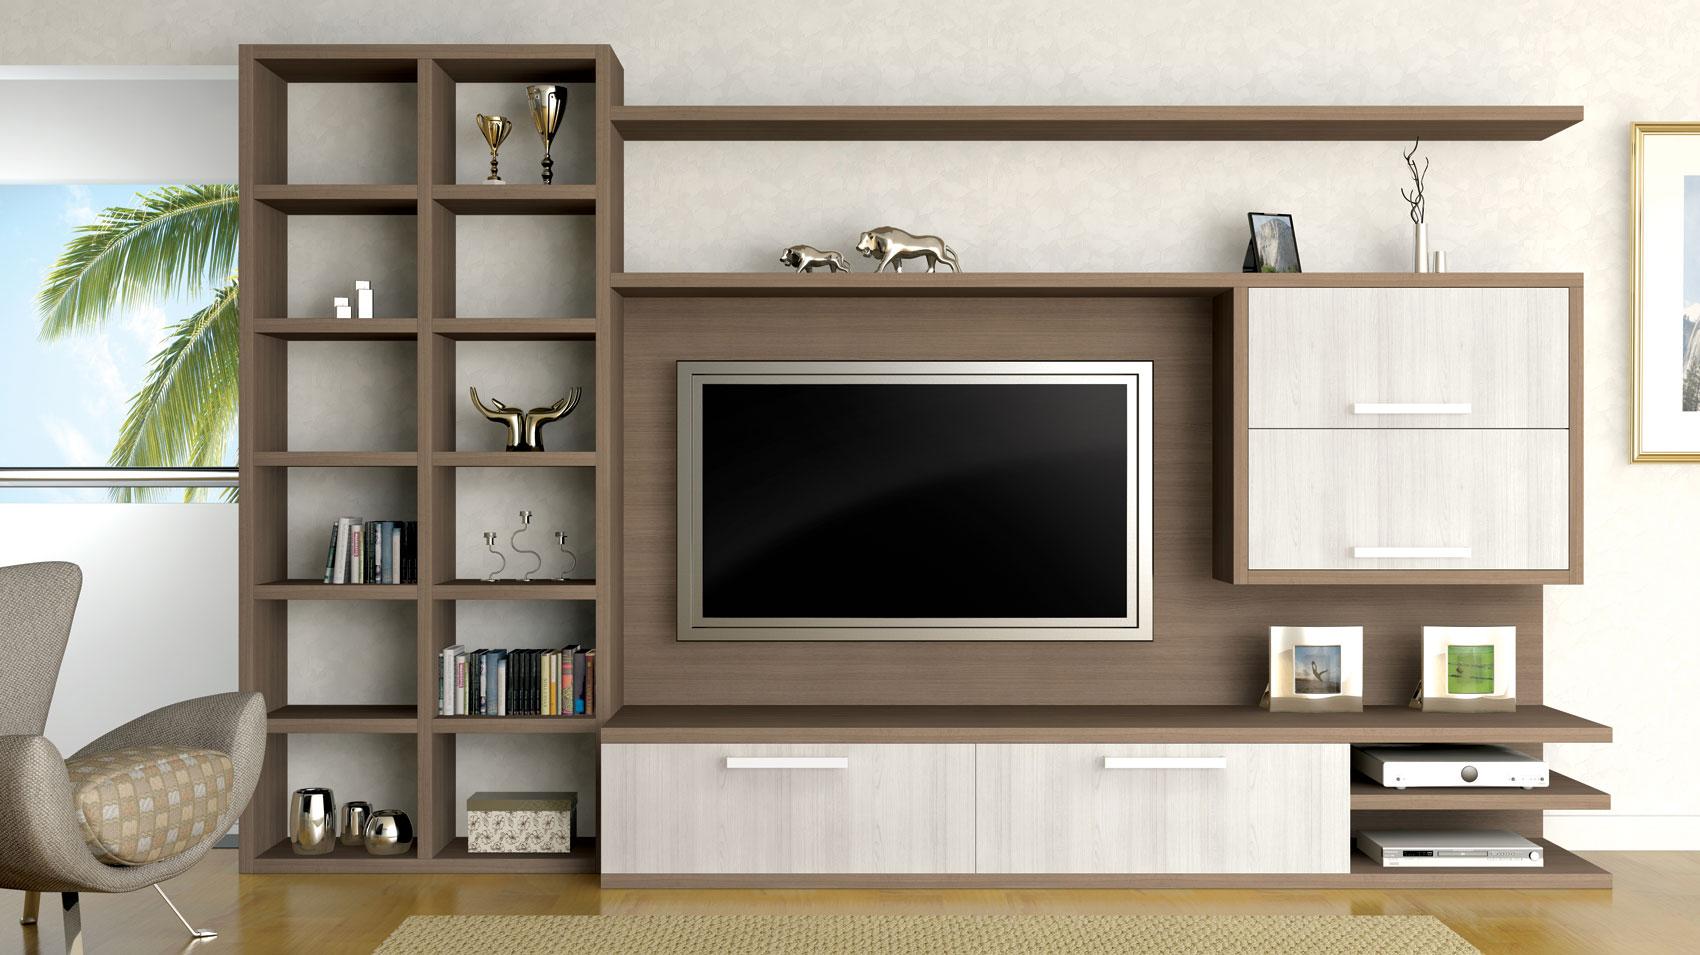 Sala planejada 60 ideias de decora o fotos e projetos - Armarios para sala de estar ...